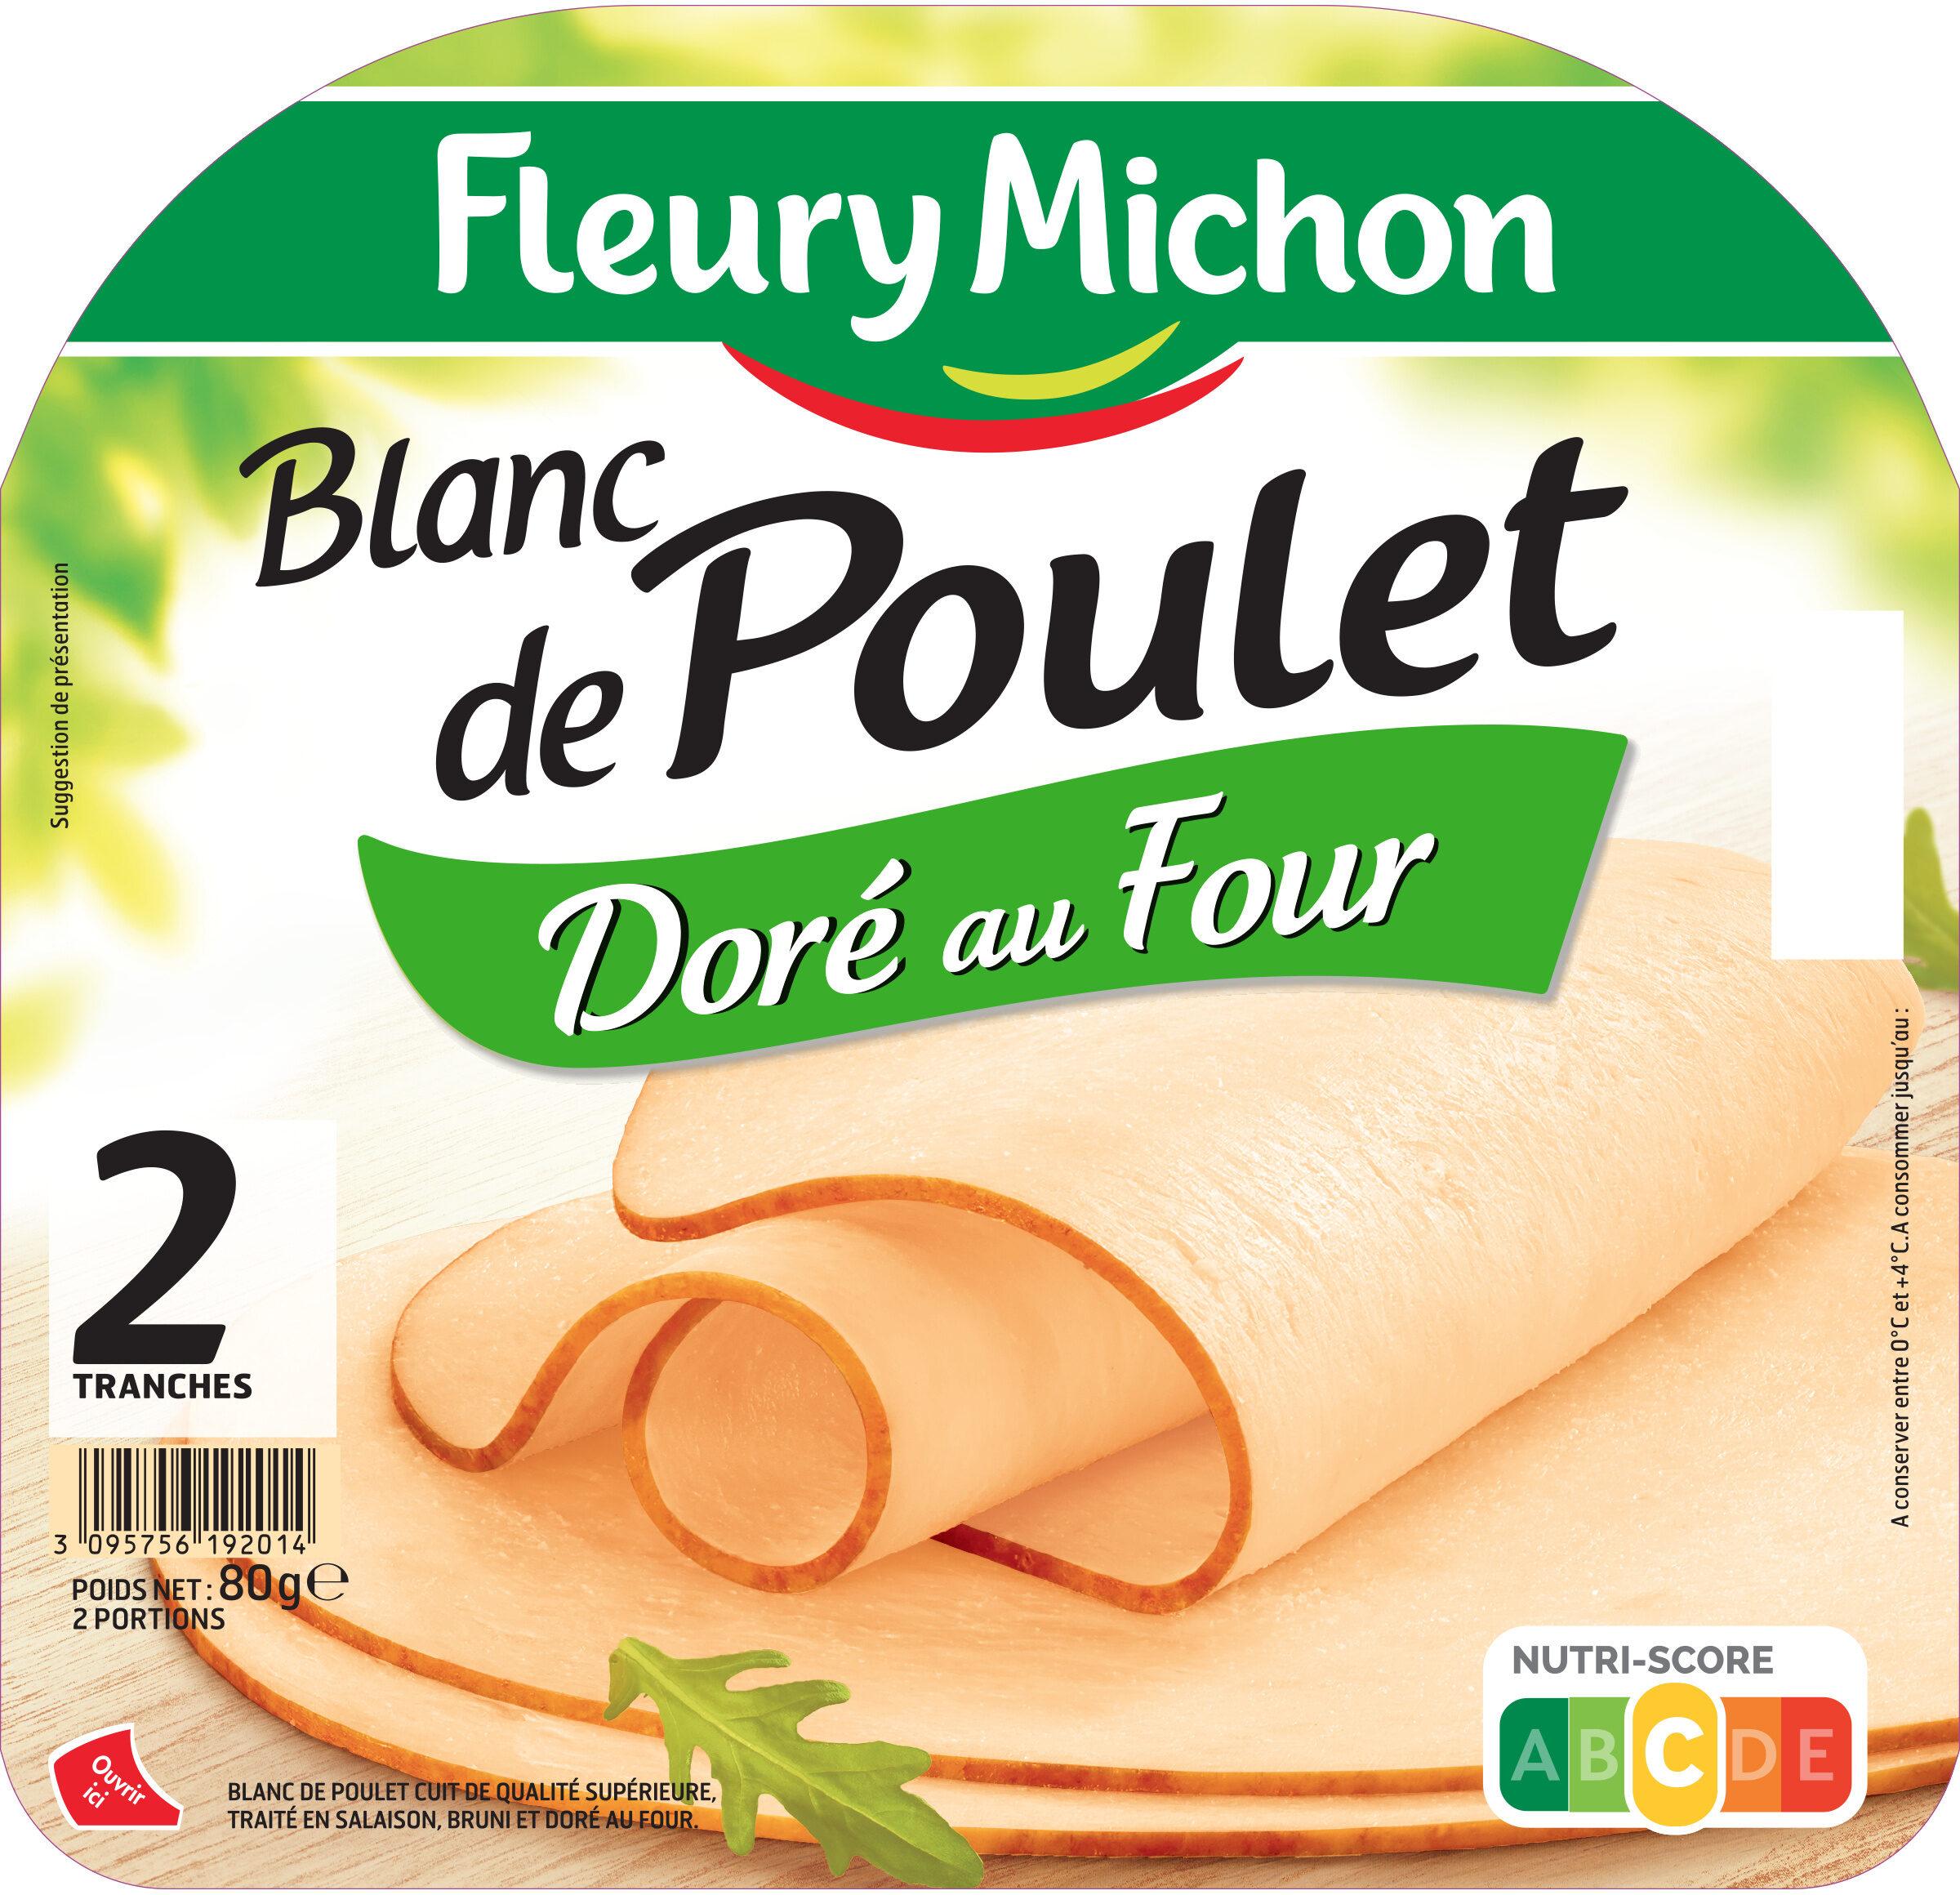 Blanc de poulet doré au four - 2 tranches - Produit - fr